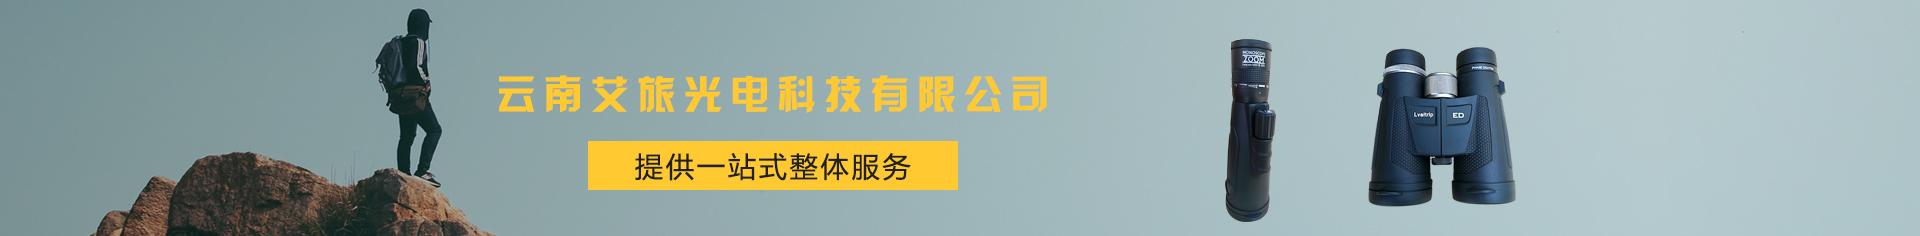 云南艾旅光电科技有限公司提供一站式服务